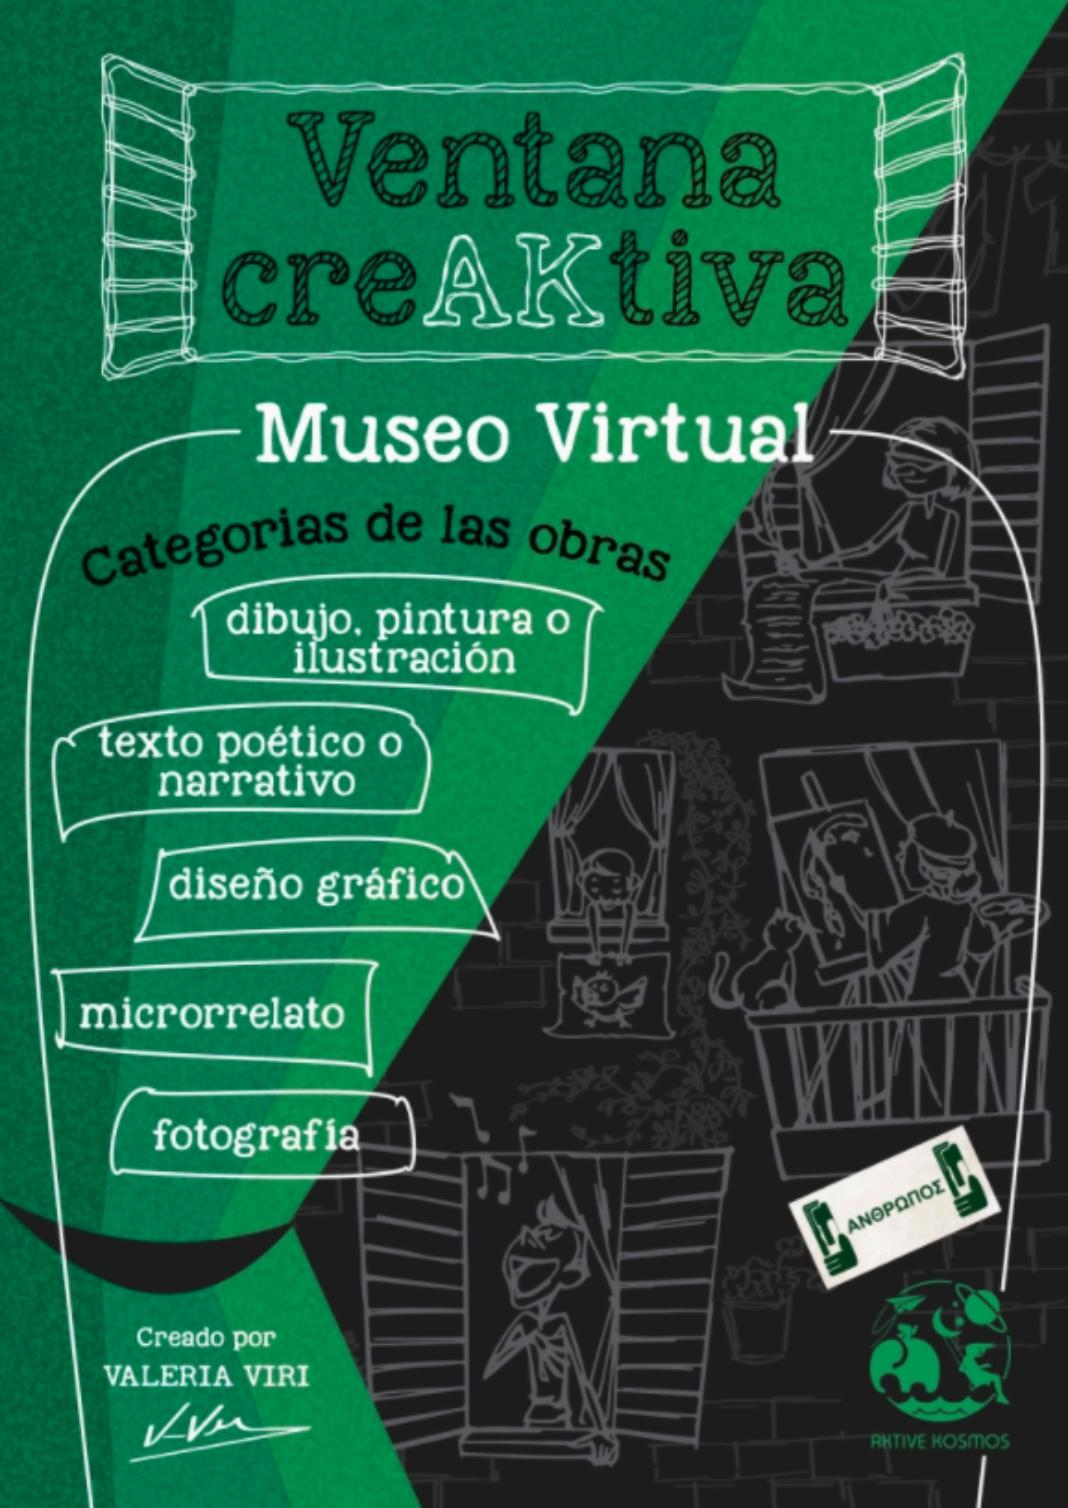 Ventana CreAKtiva 1068x1508 - Aktive Kosmos presenta un museo virtual con la participación de 52 artistas de 7 países